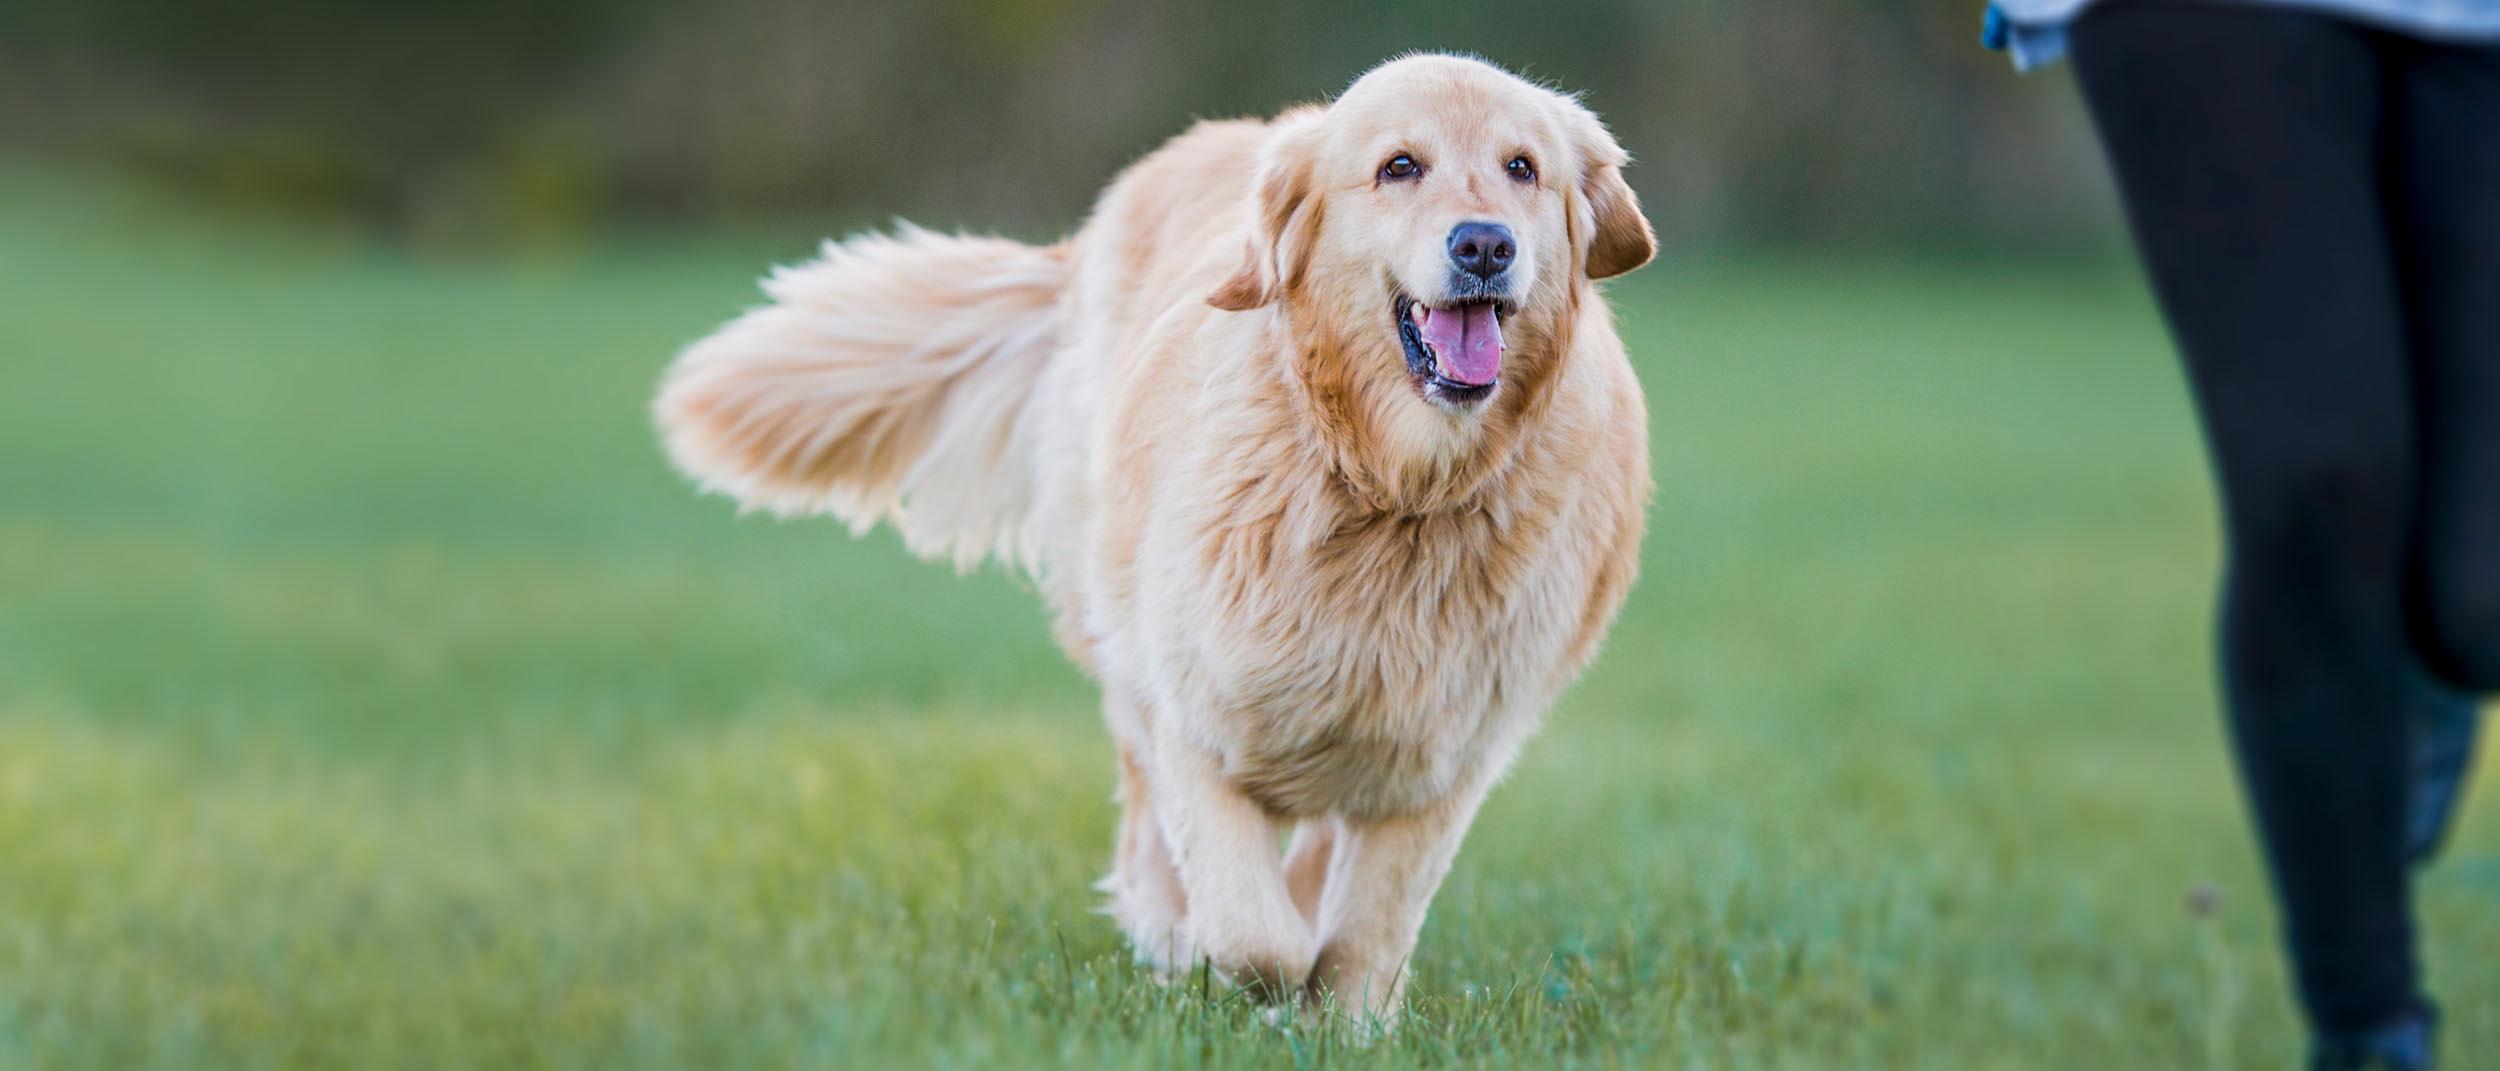 meilleur aliment pour chiens de perte de poids pour beagles